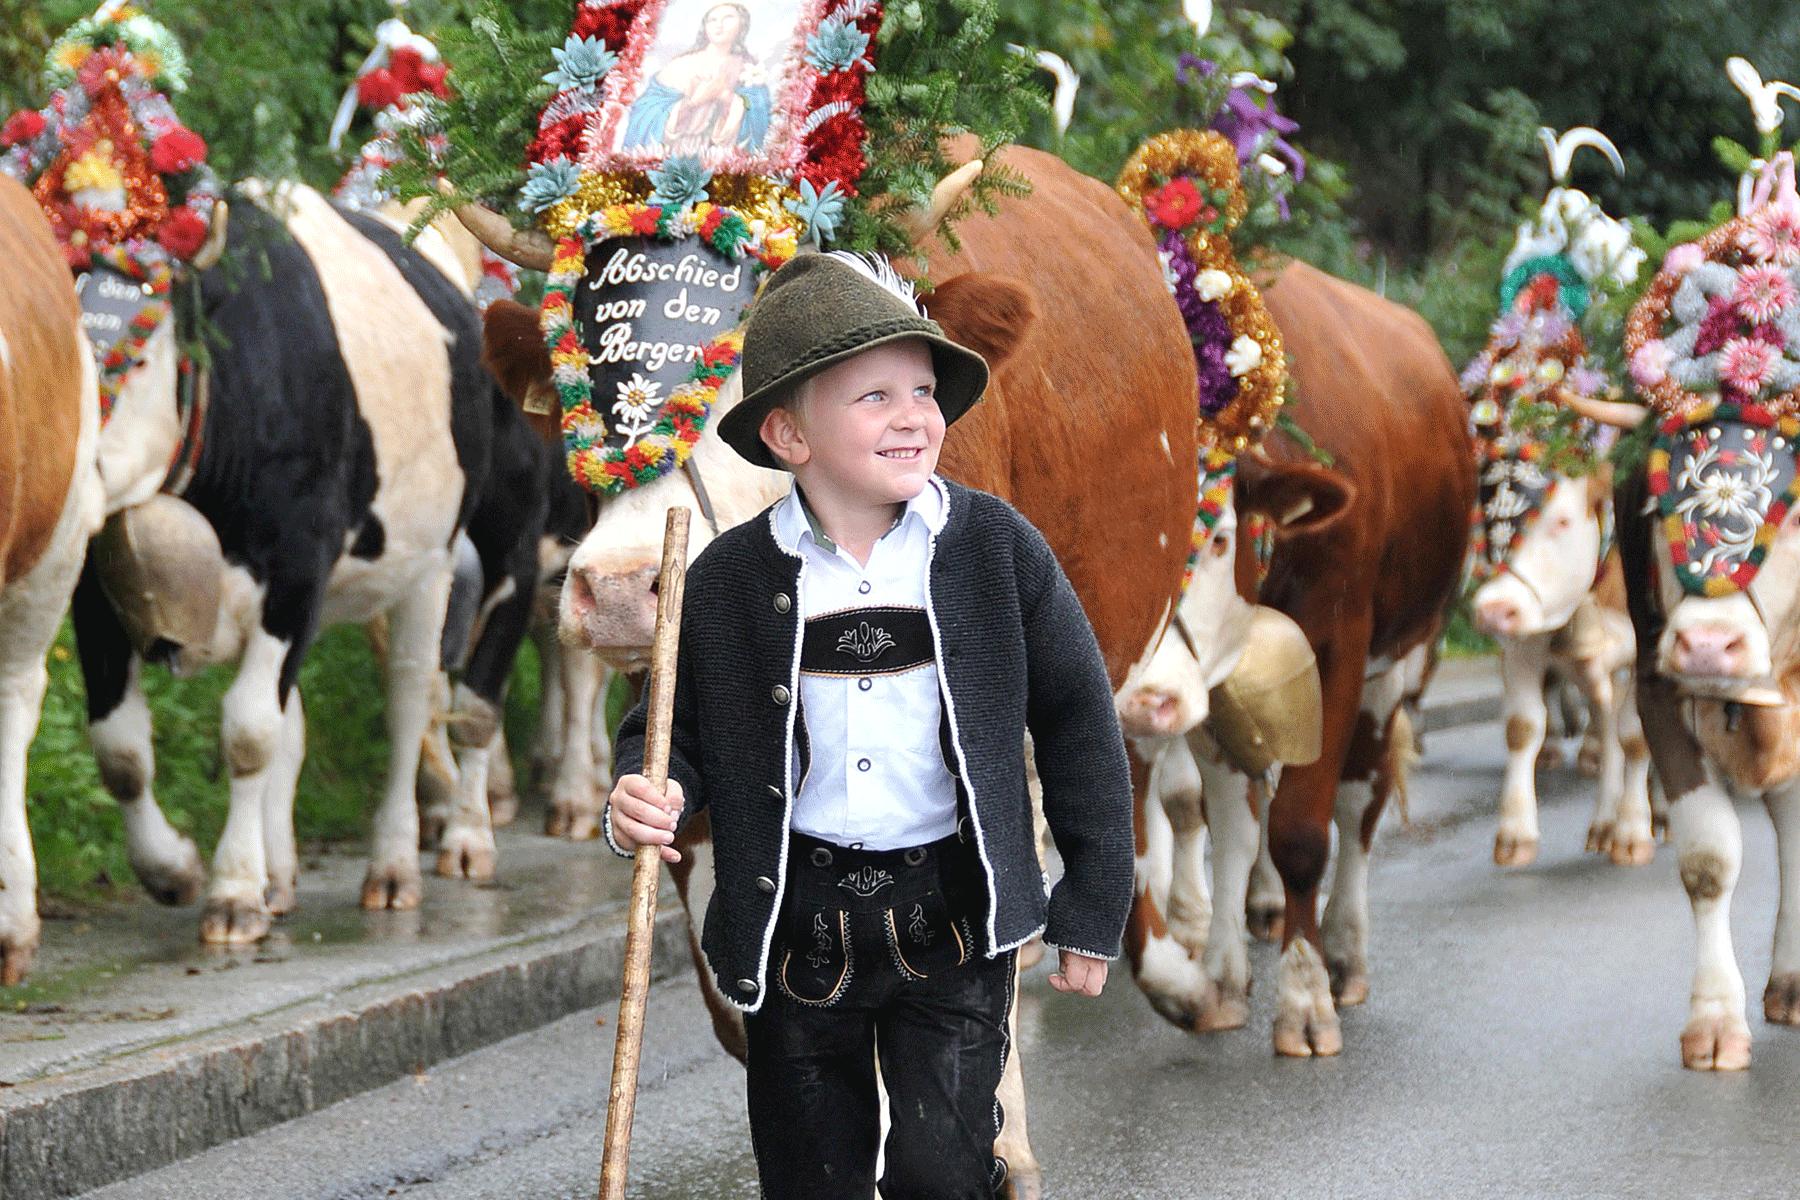 Kirchtag Bub beim Almabtrieb im Kurzurlaub im Alpbachtal in Tirol